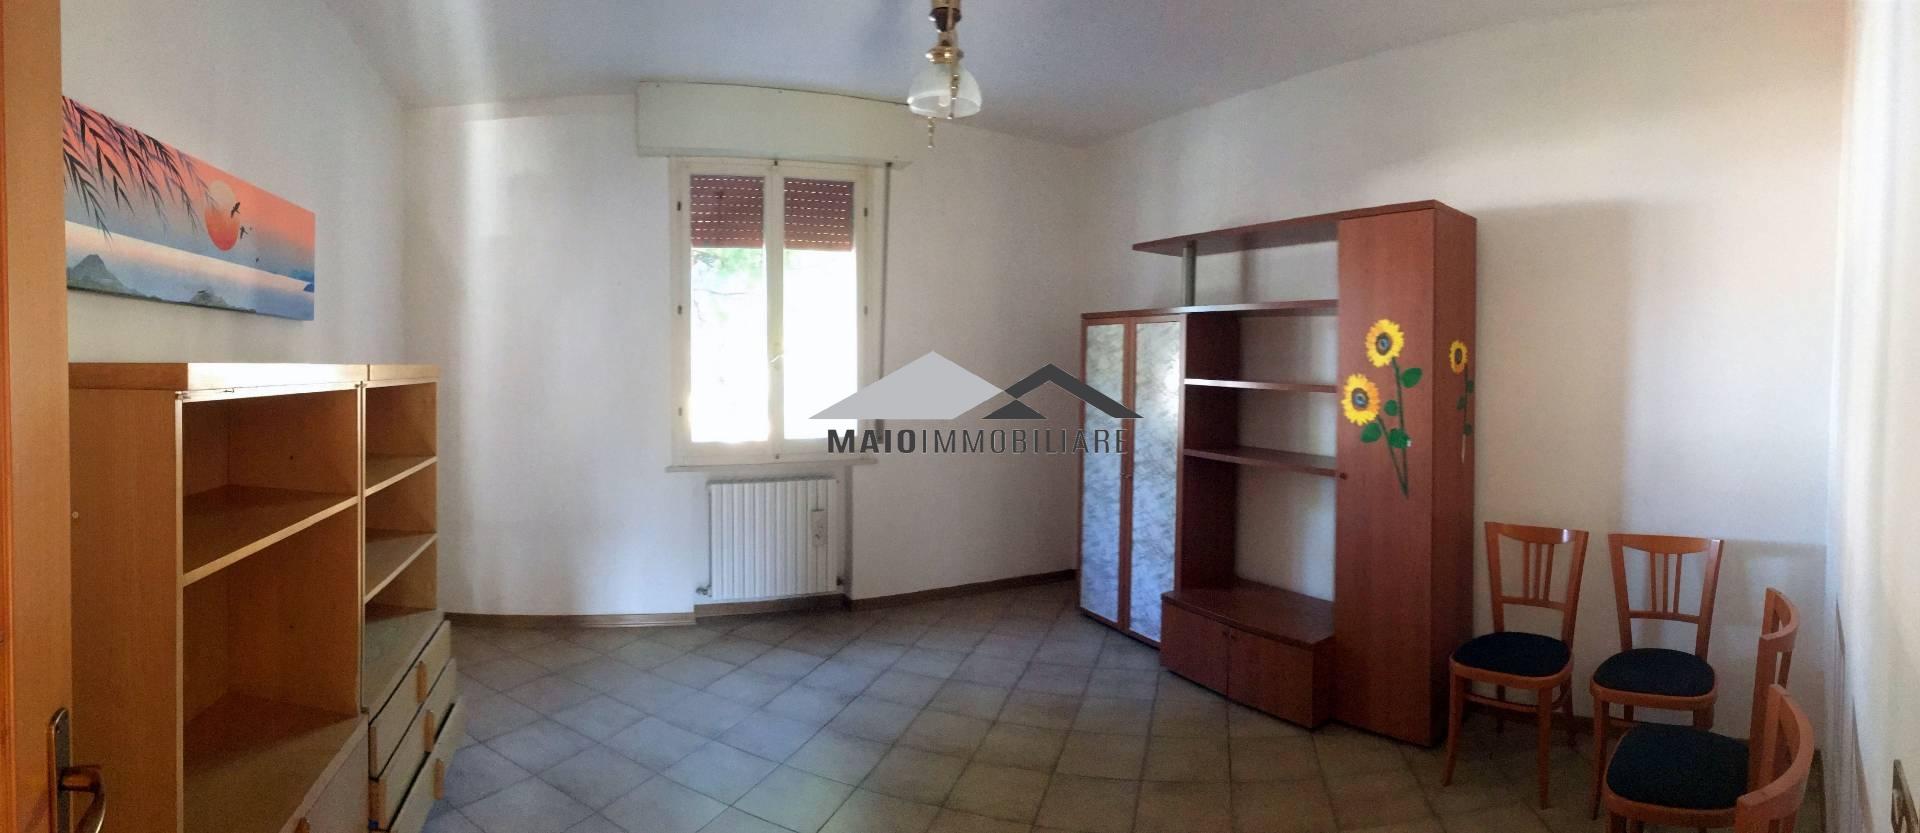 Appartamento in vendita a Riccione, 3 locali, zona Località: PARCO, prezzo € 170.000 | Cambio Casa.it